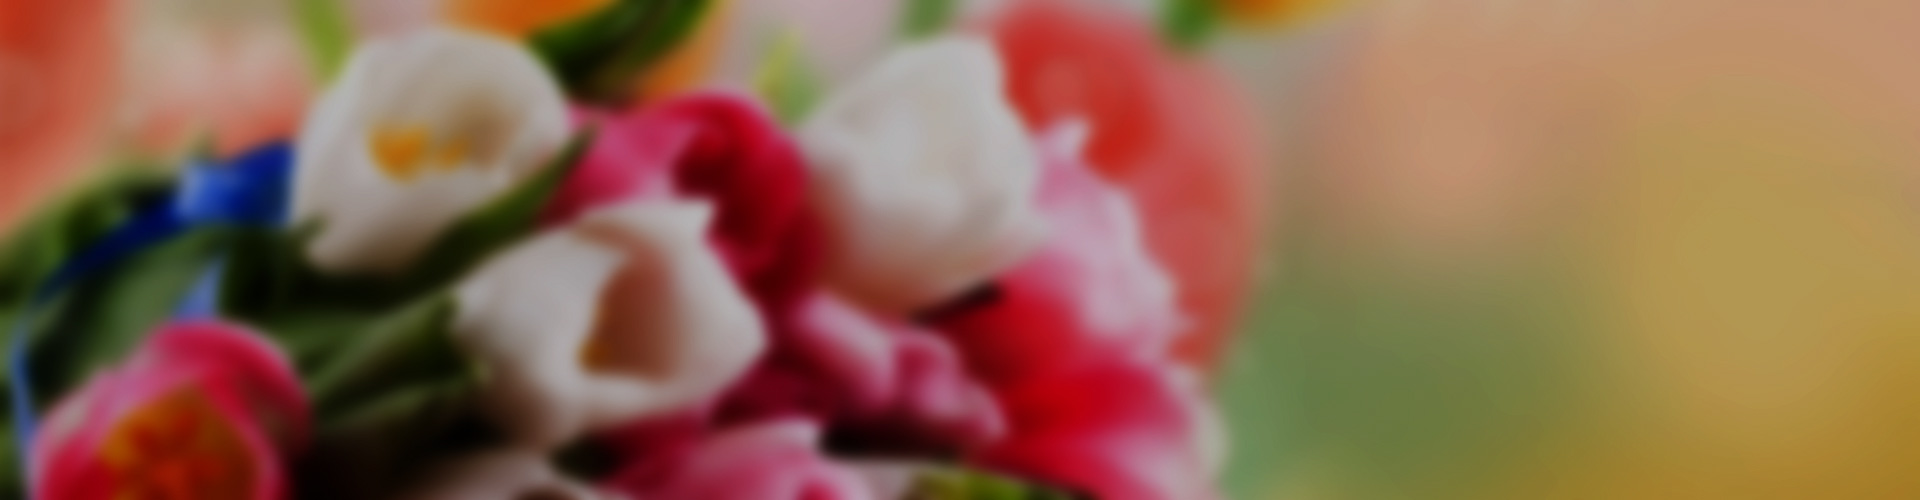 flowerbackground